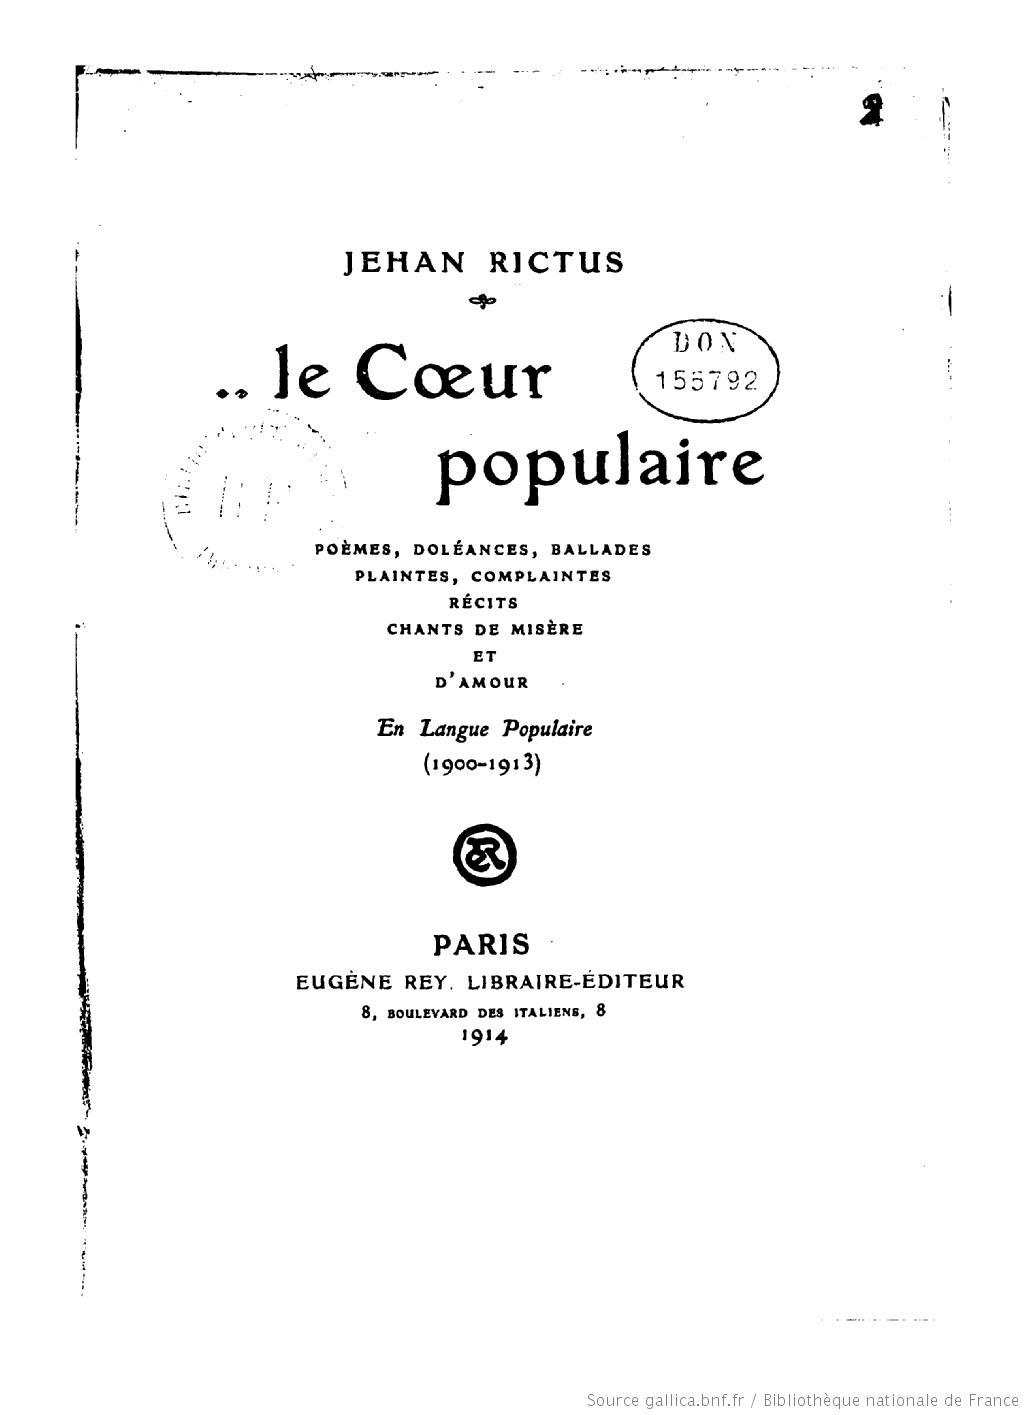 Le coeur populaire : poèmes, doléances, ballades, plaintes, complaintes, récits, chants de misère et d'amour en langue populaire (1900-1913), Rictus, Jehan (1867-1933)